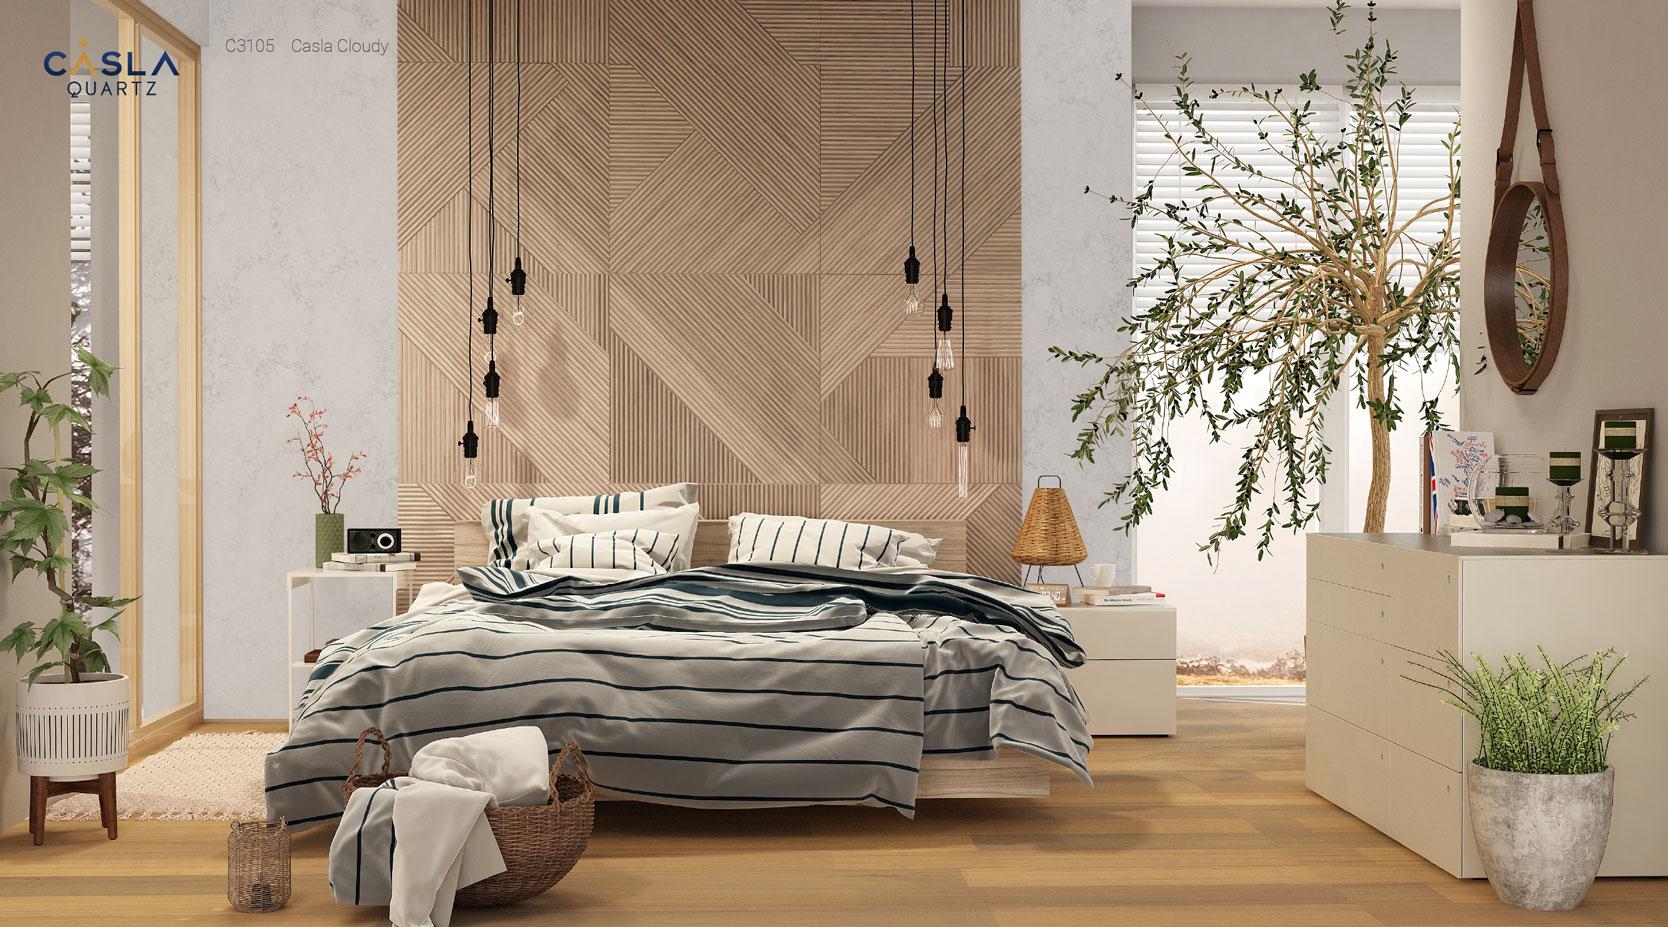 Ứng dụng đá quartz cho phong cách thiết kế nội thất Rustic